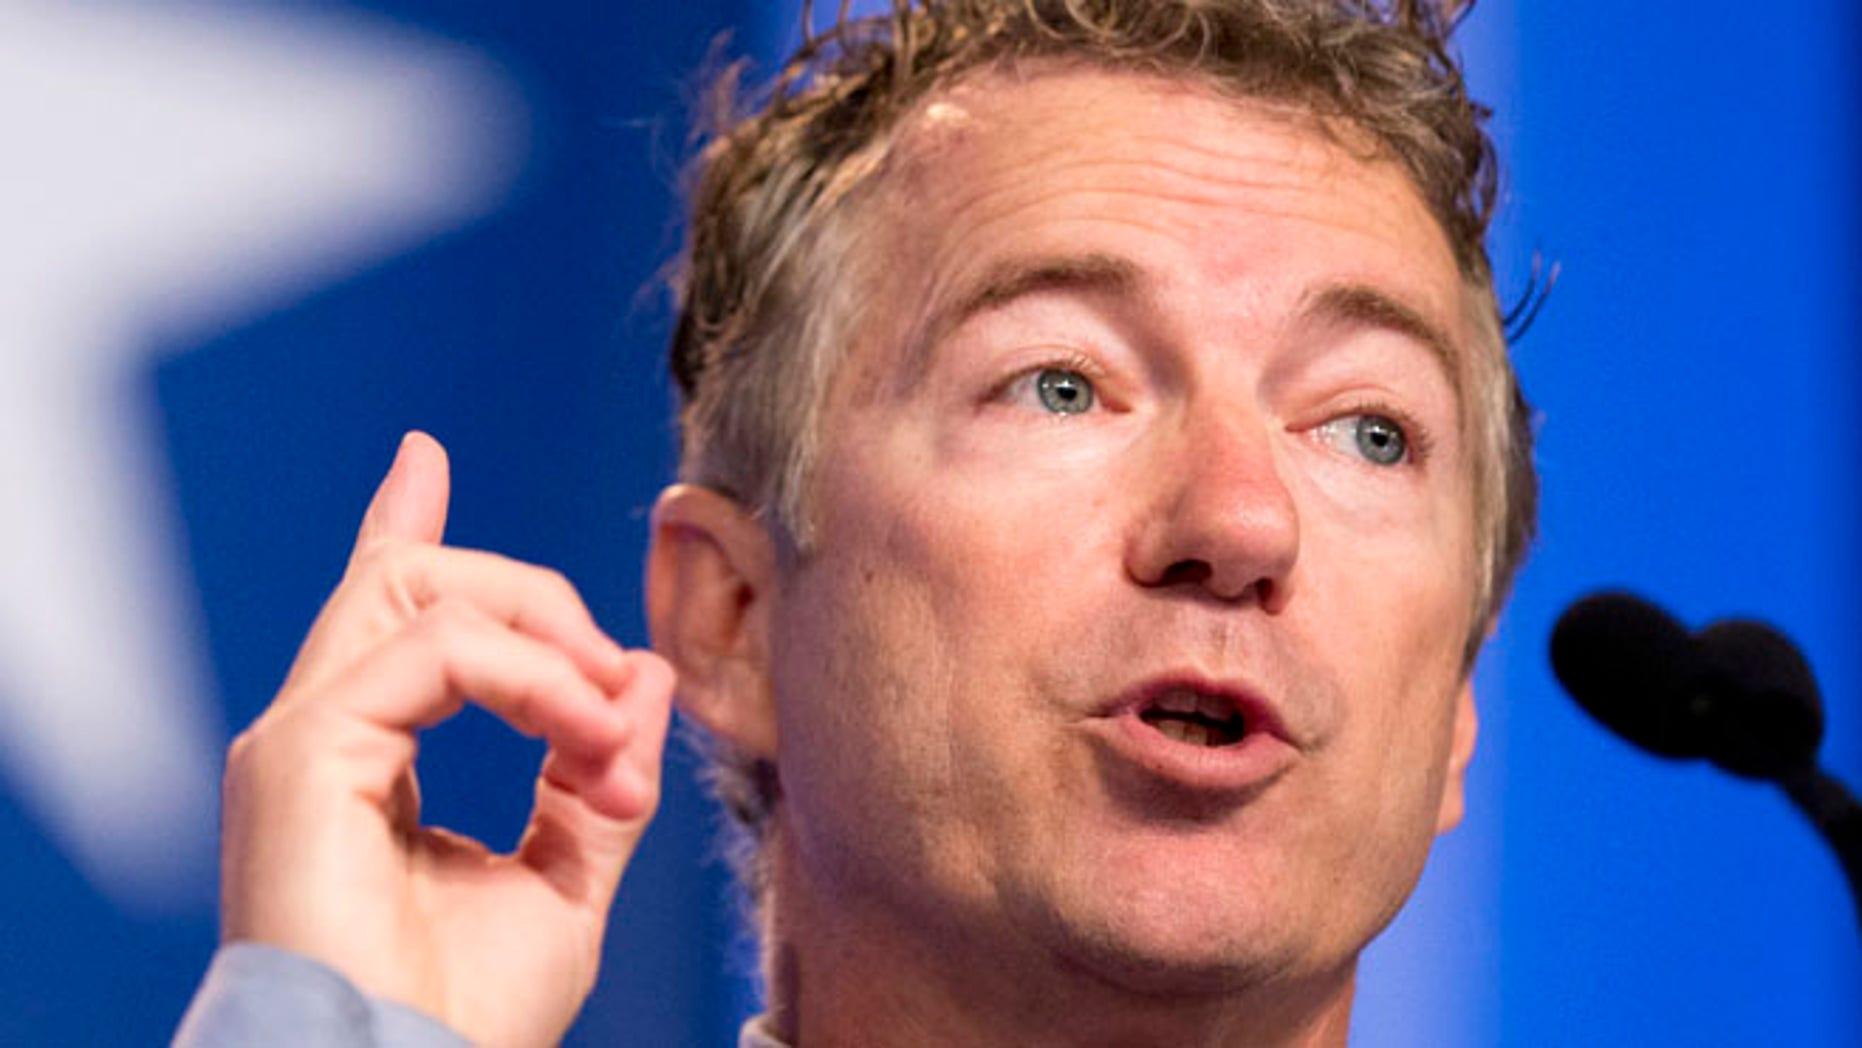 Sept. 26, 2014: Sen. Rand Paul, R-Ky. speaks in Washington. (AP)